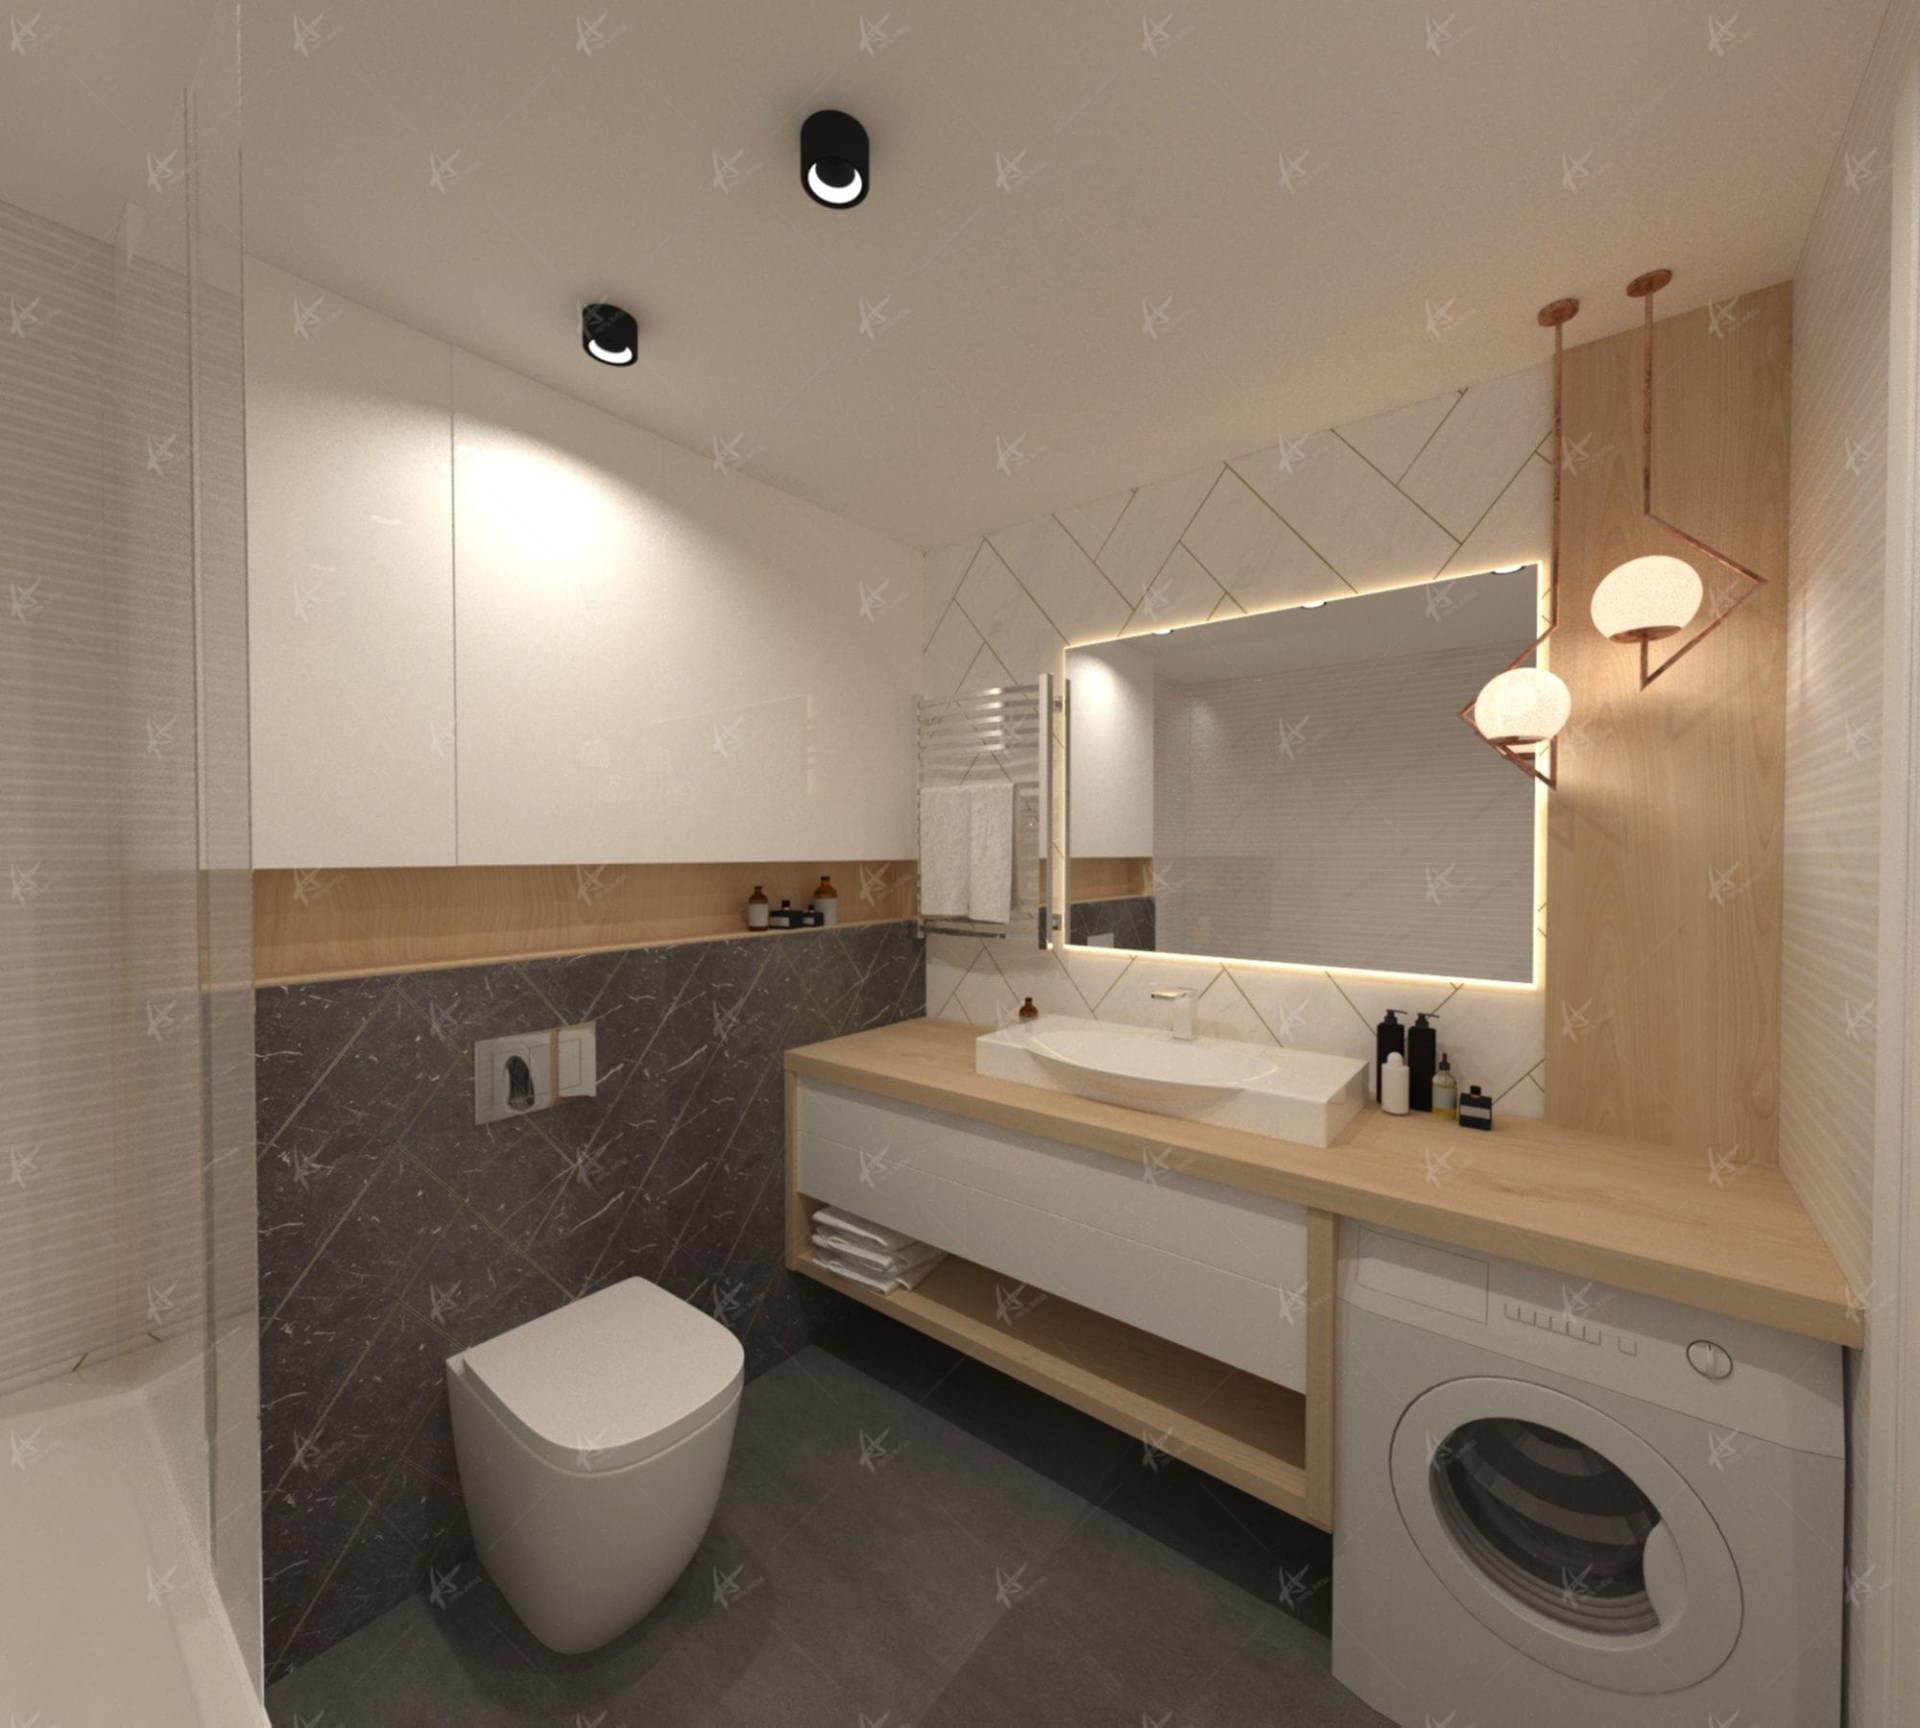 Ванная комната в квартире Лаконичность Дизайн интерьера в Кирове